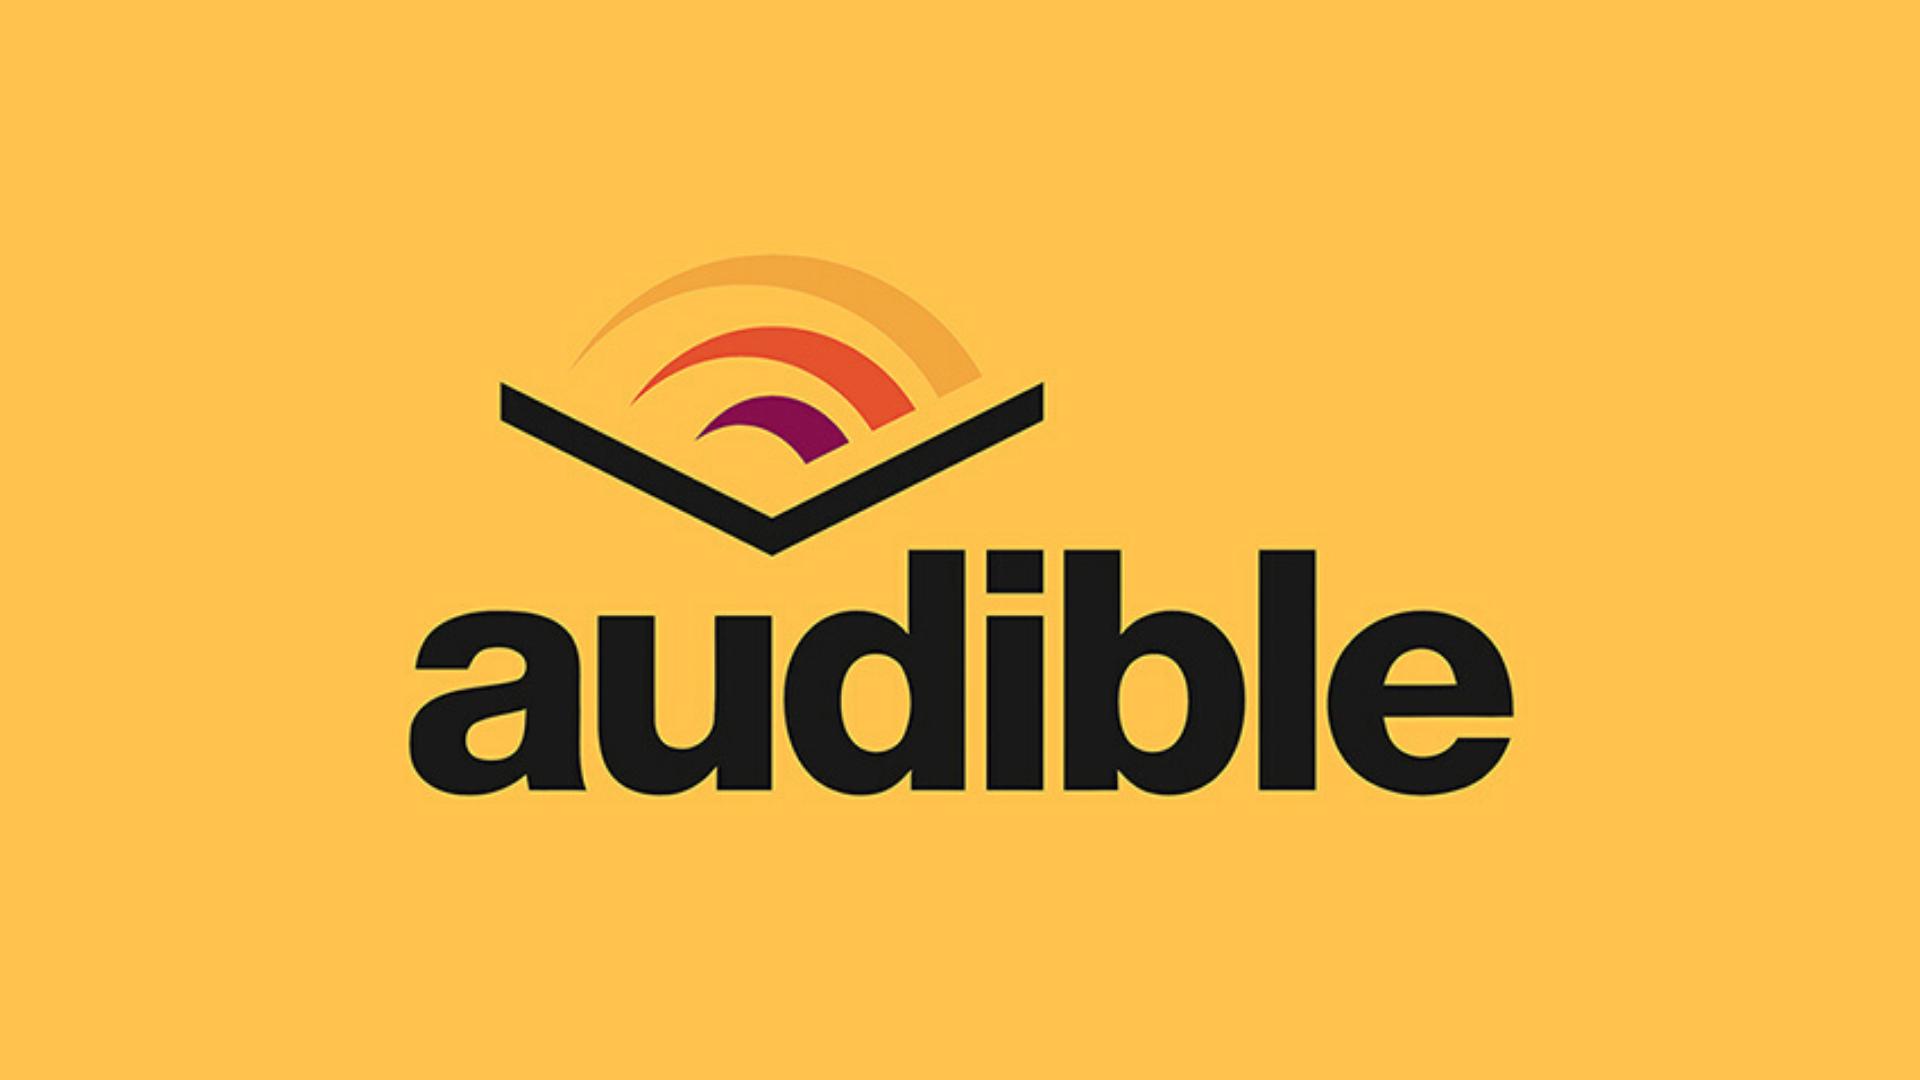 Audible App